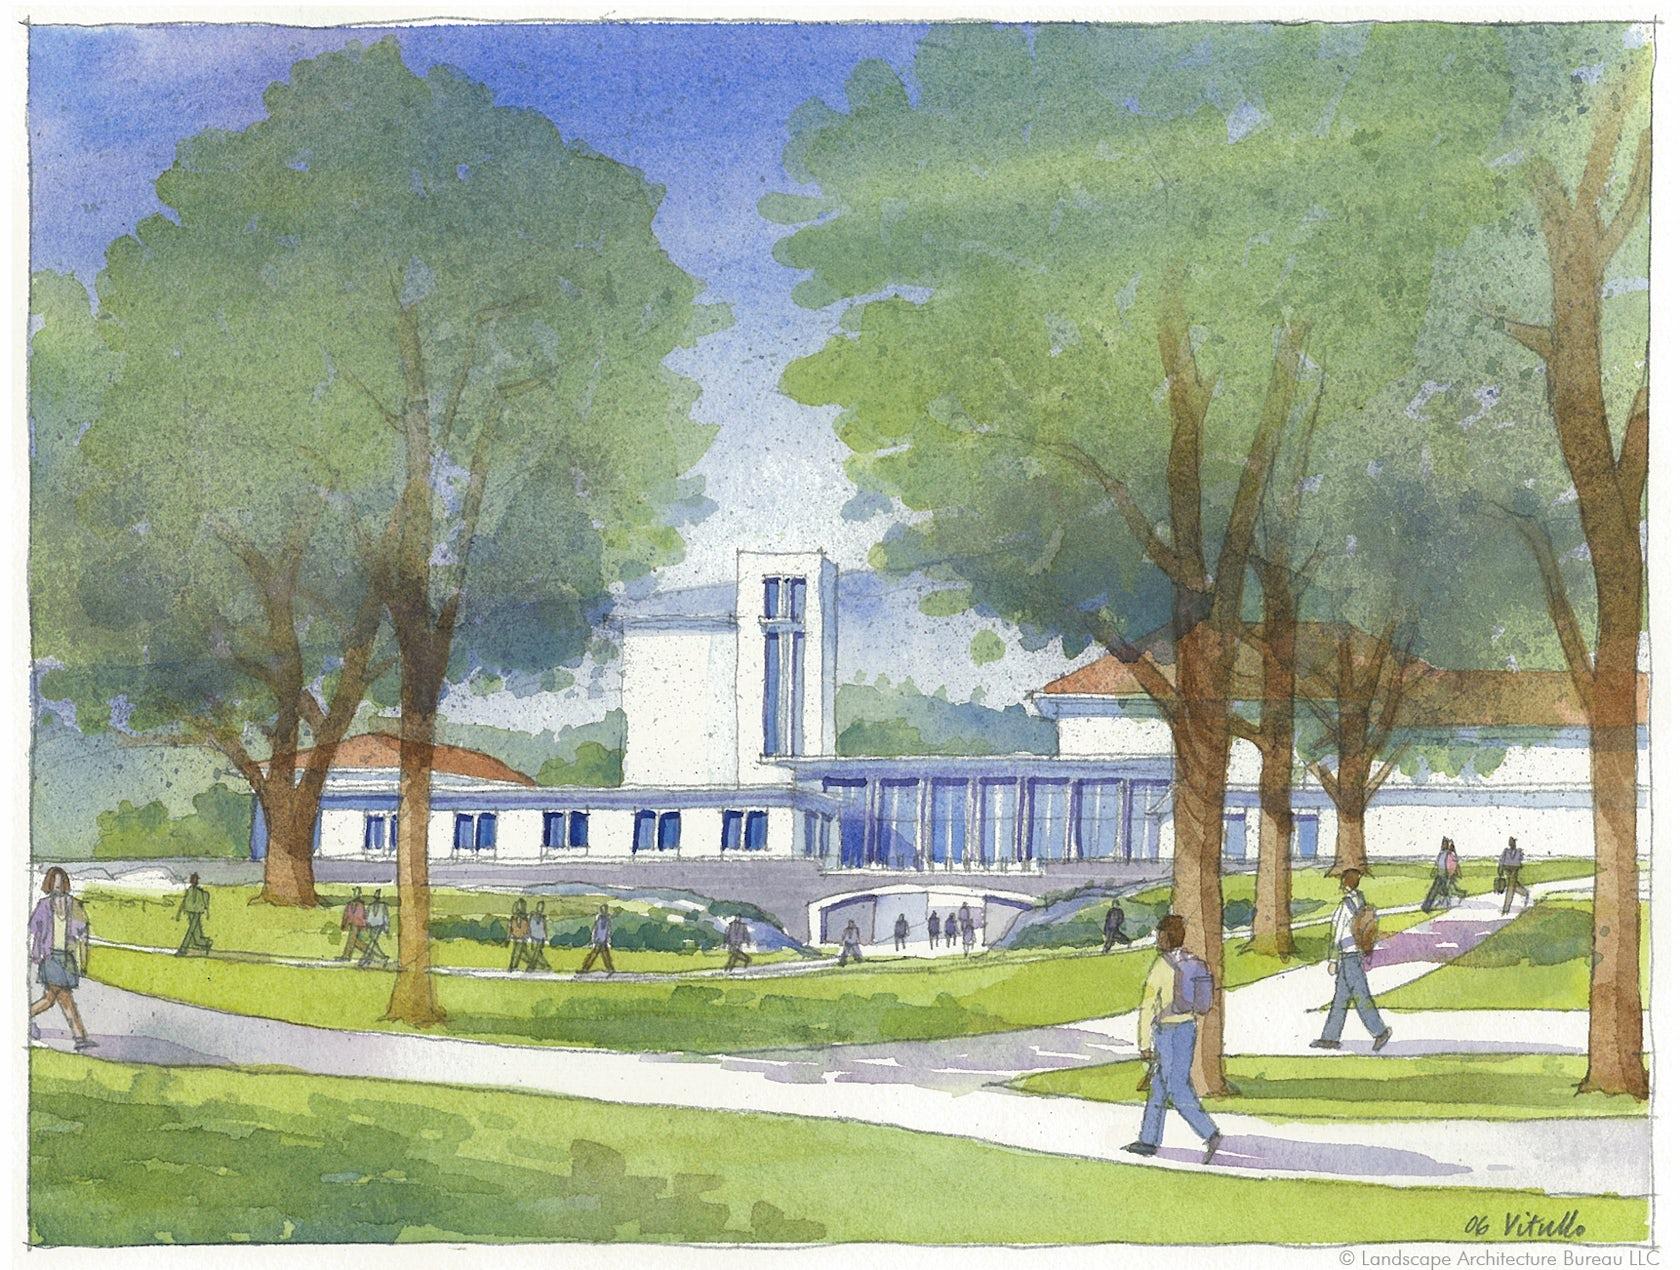 Landscape architecture bureau lab architizer for Landscape architecture firms